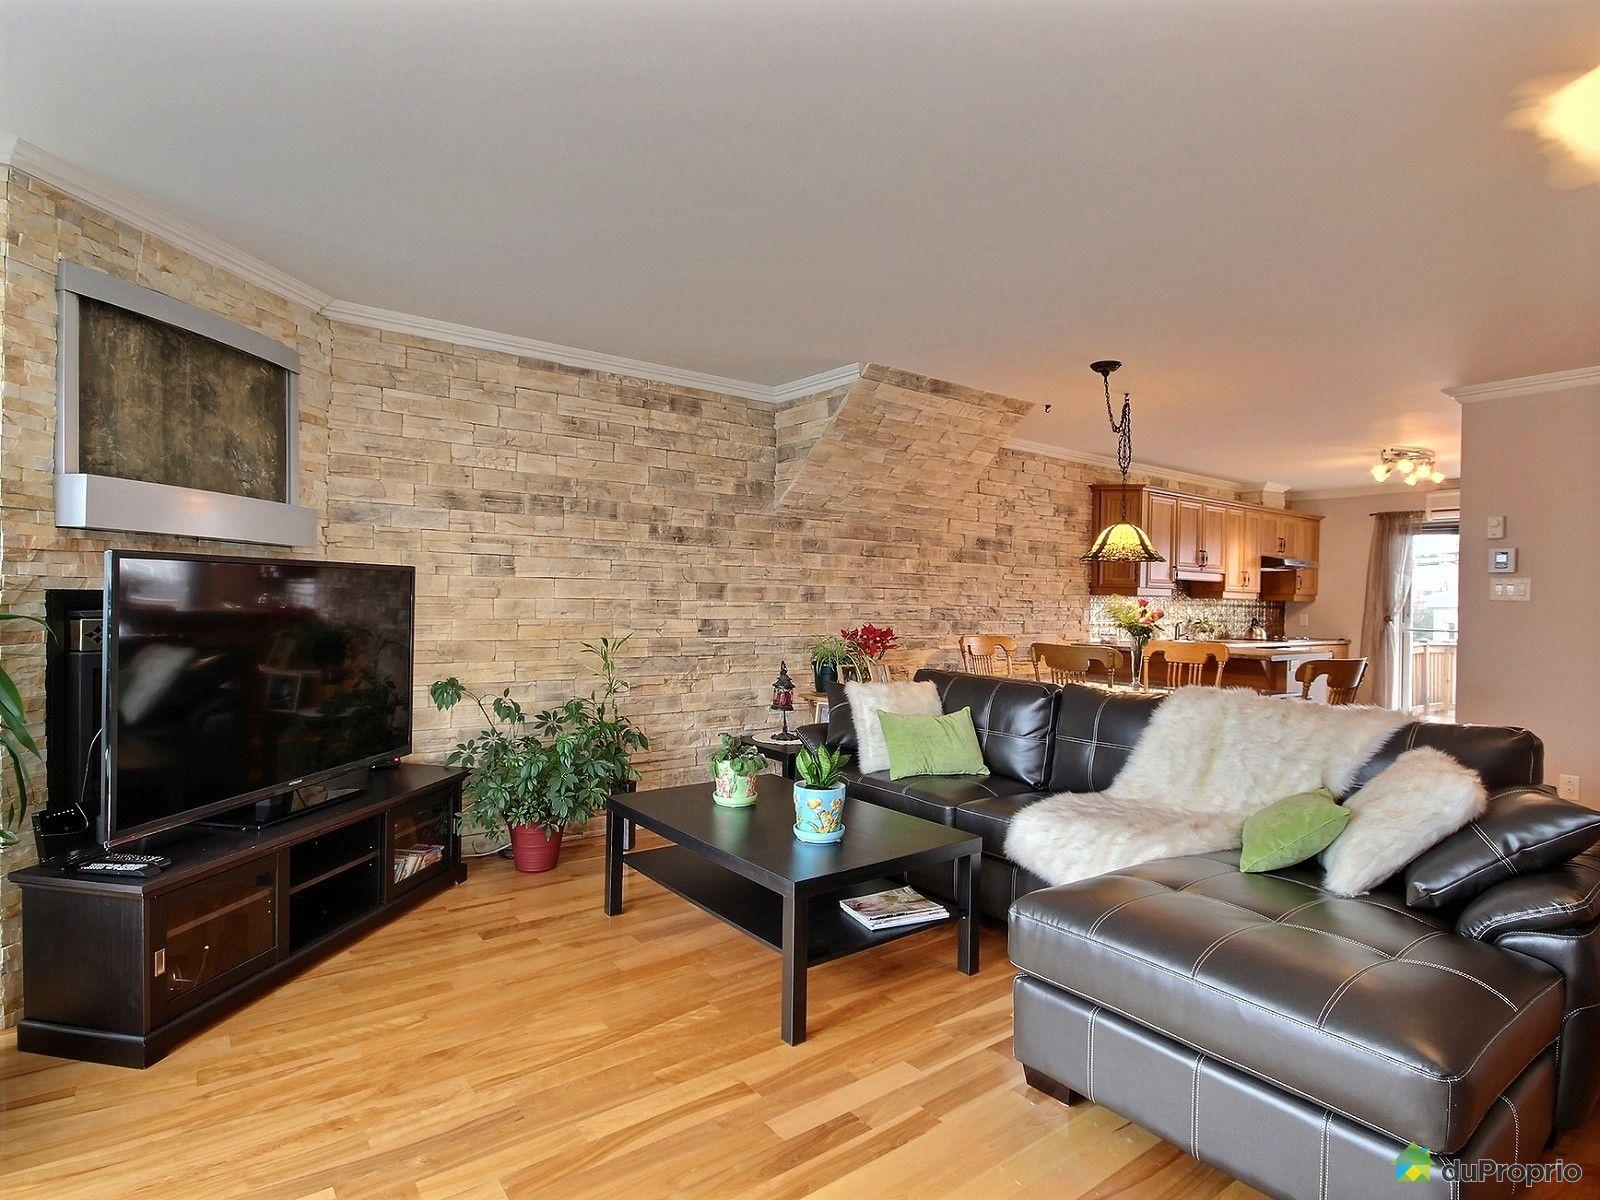 bi g n ration vendre mascouche 2846 2848 rue fran oise. Black Bedroom Furniture Sets. Home Design Ideas